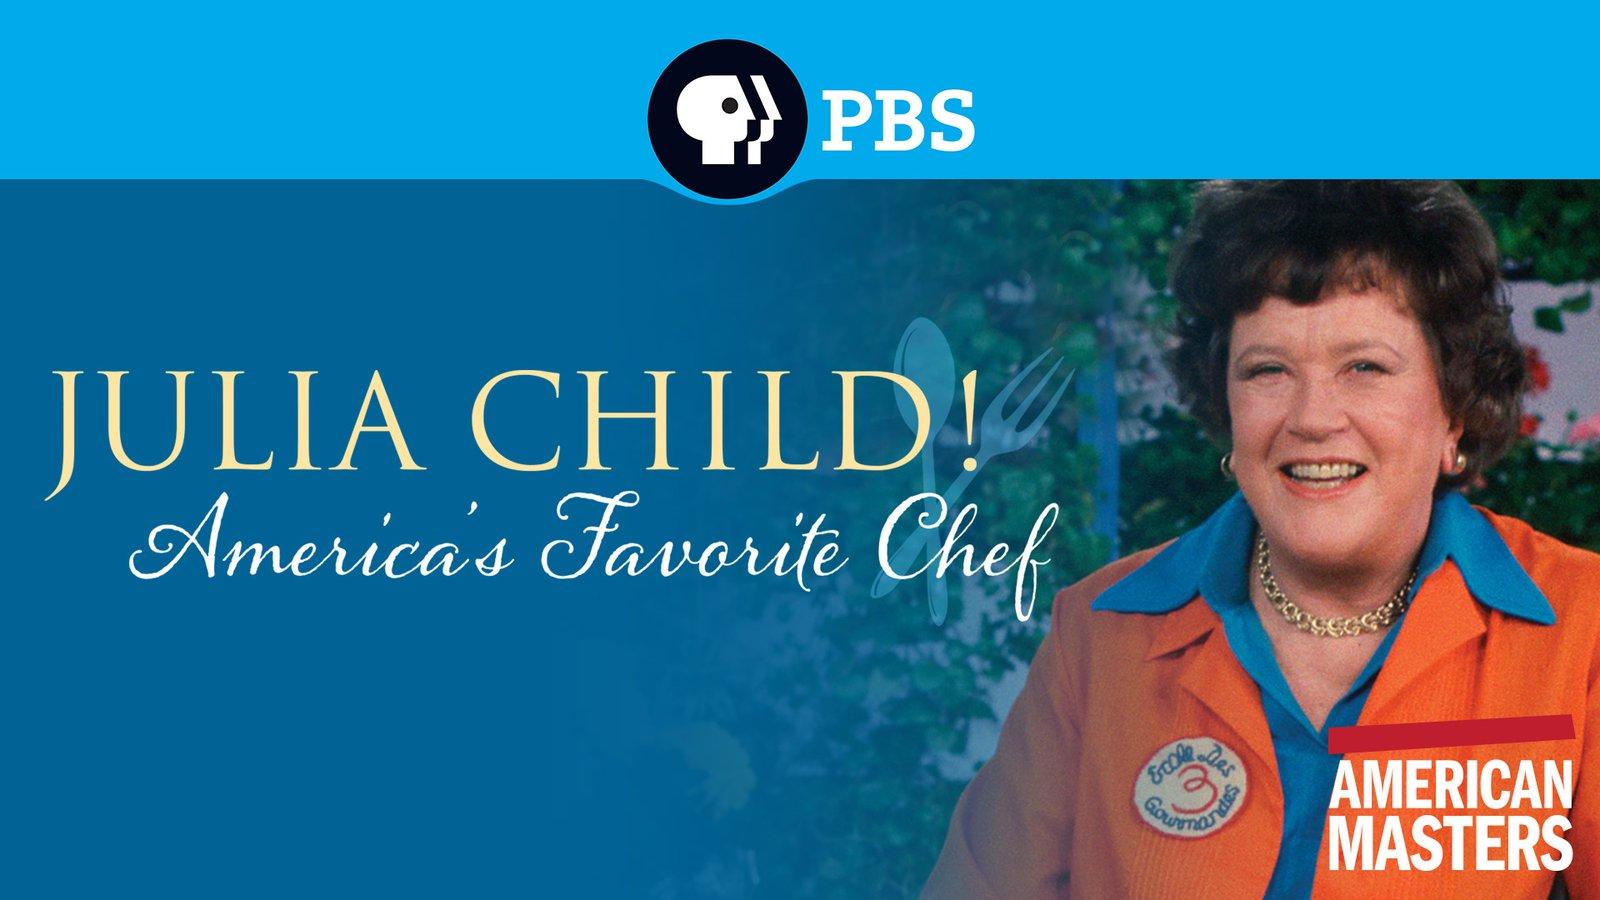 American Masters: Julia Child - America's Favorite Chef